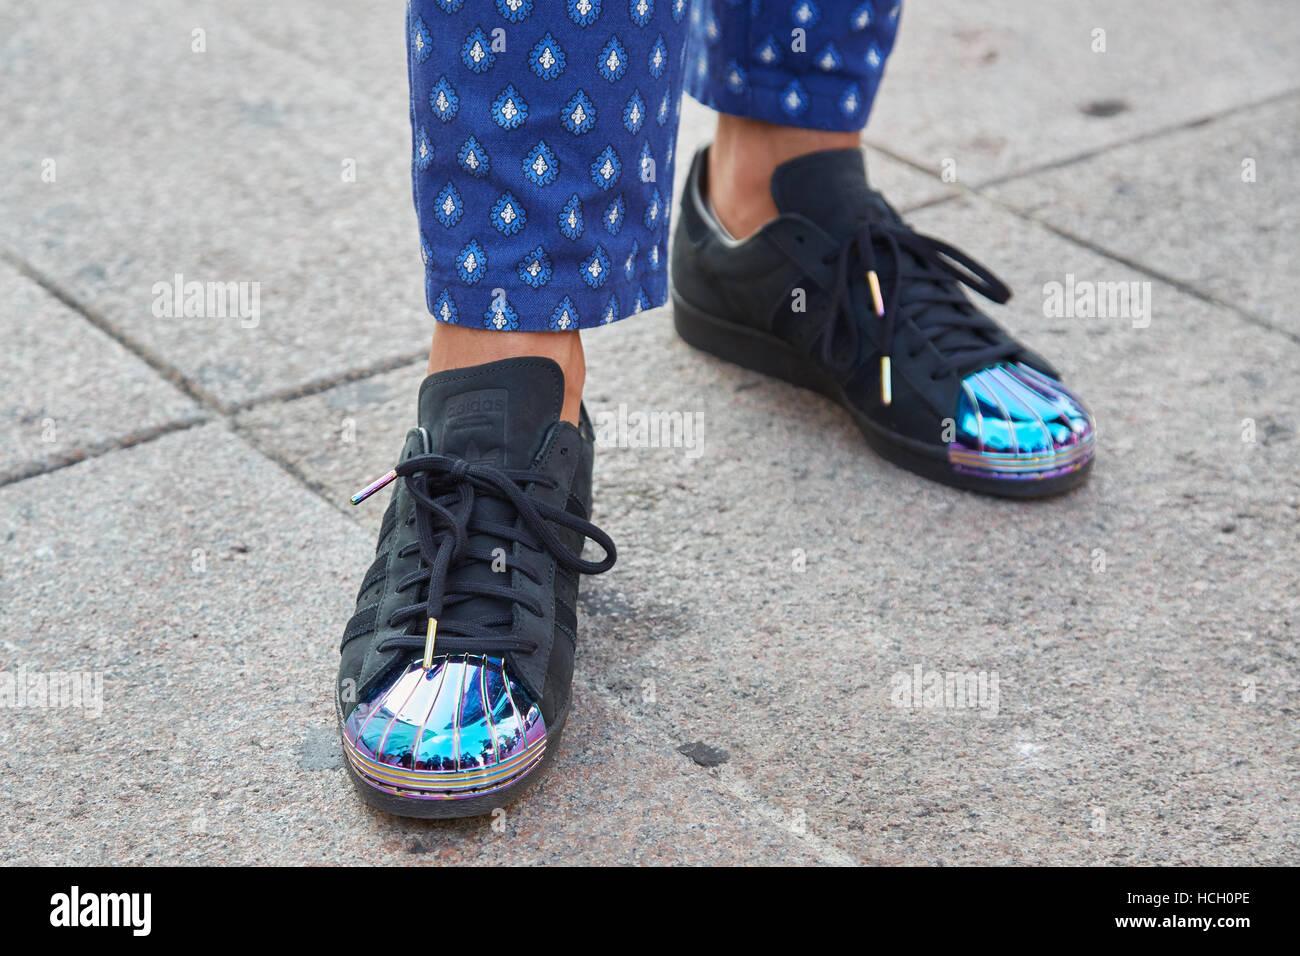 the latest 5a2c5 b1edf L'uomo con il nero scarpe Adidas con punto blu prima di ...